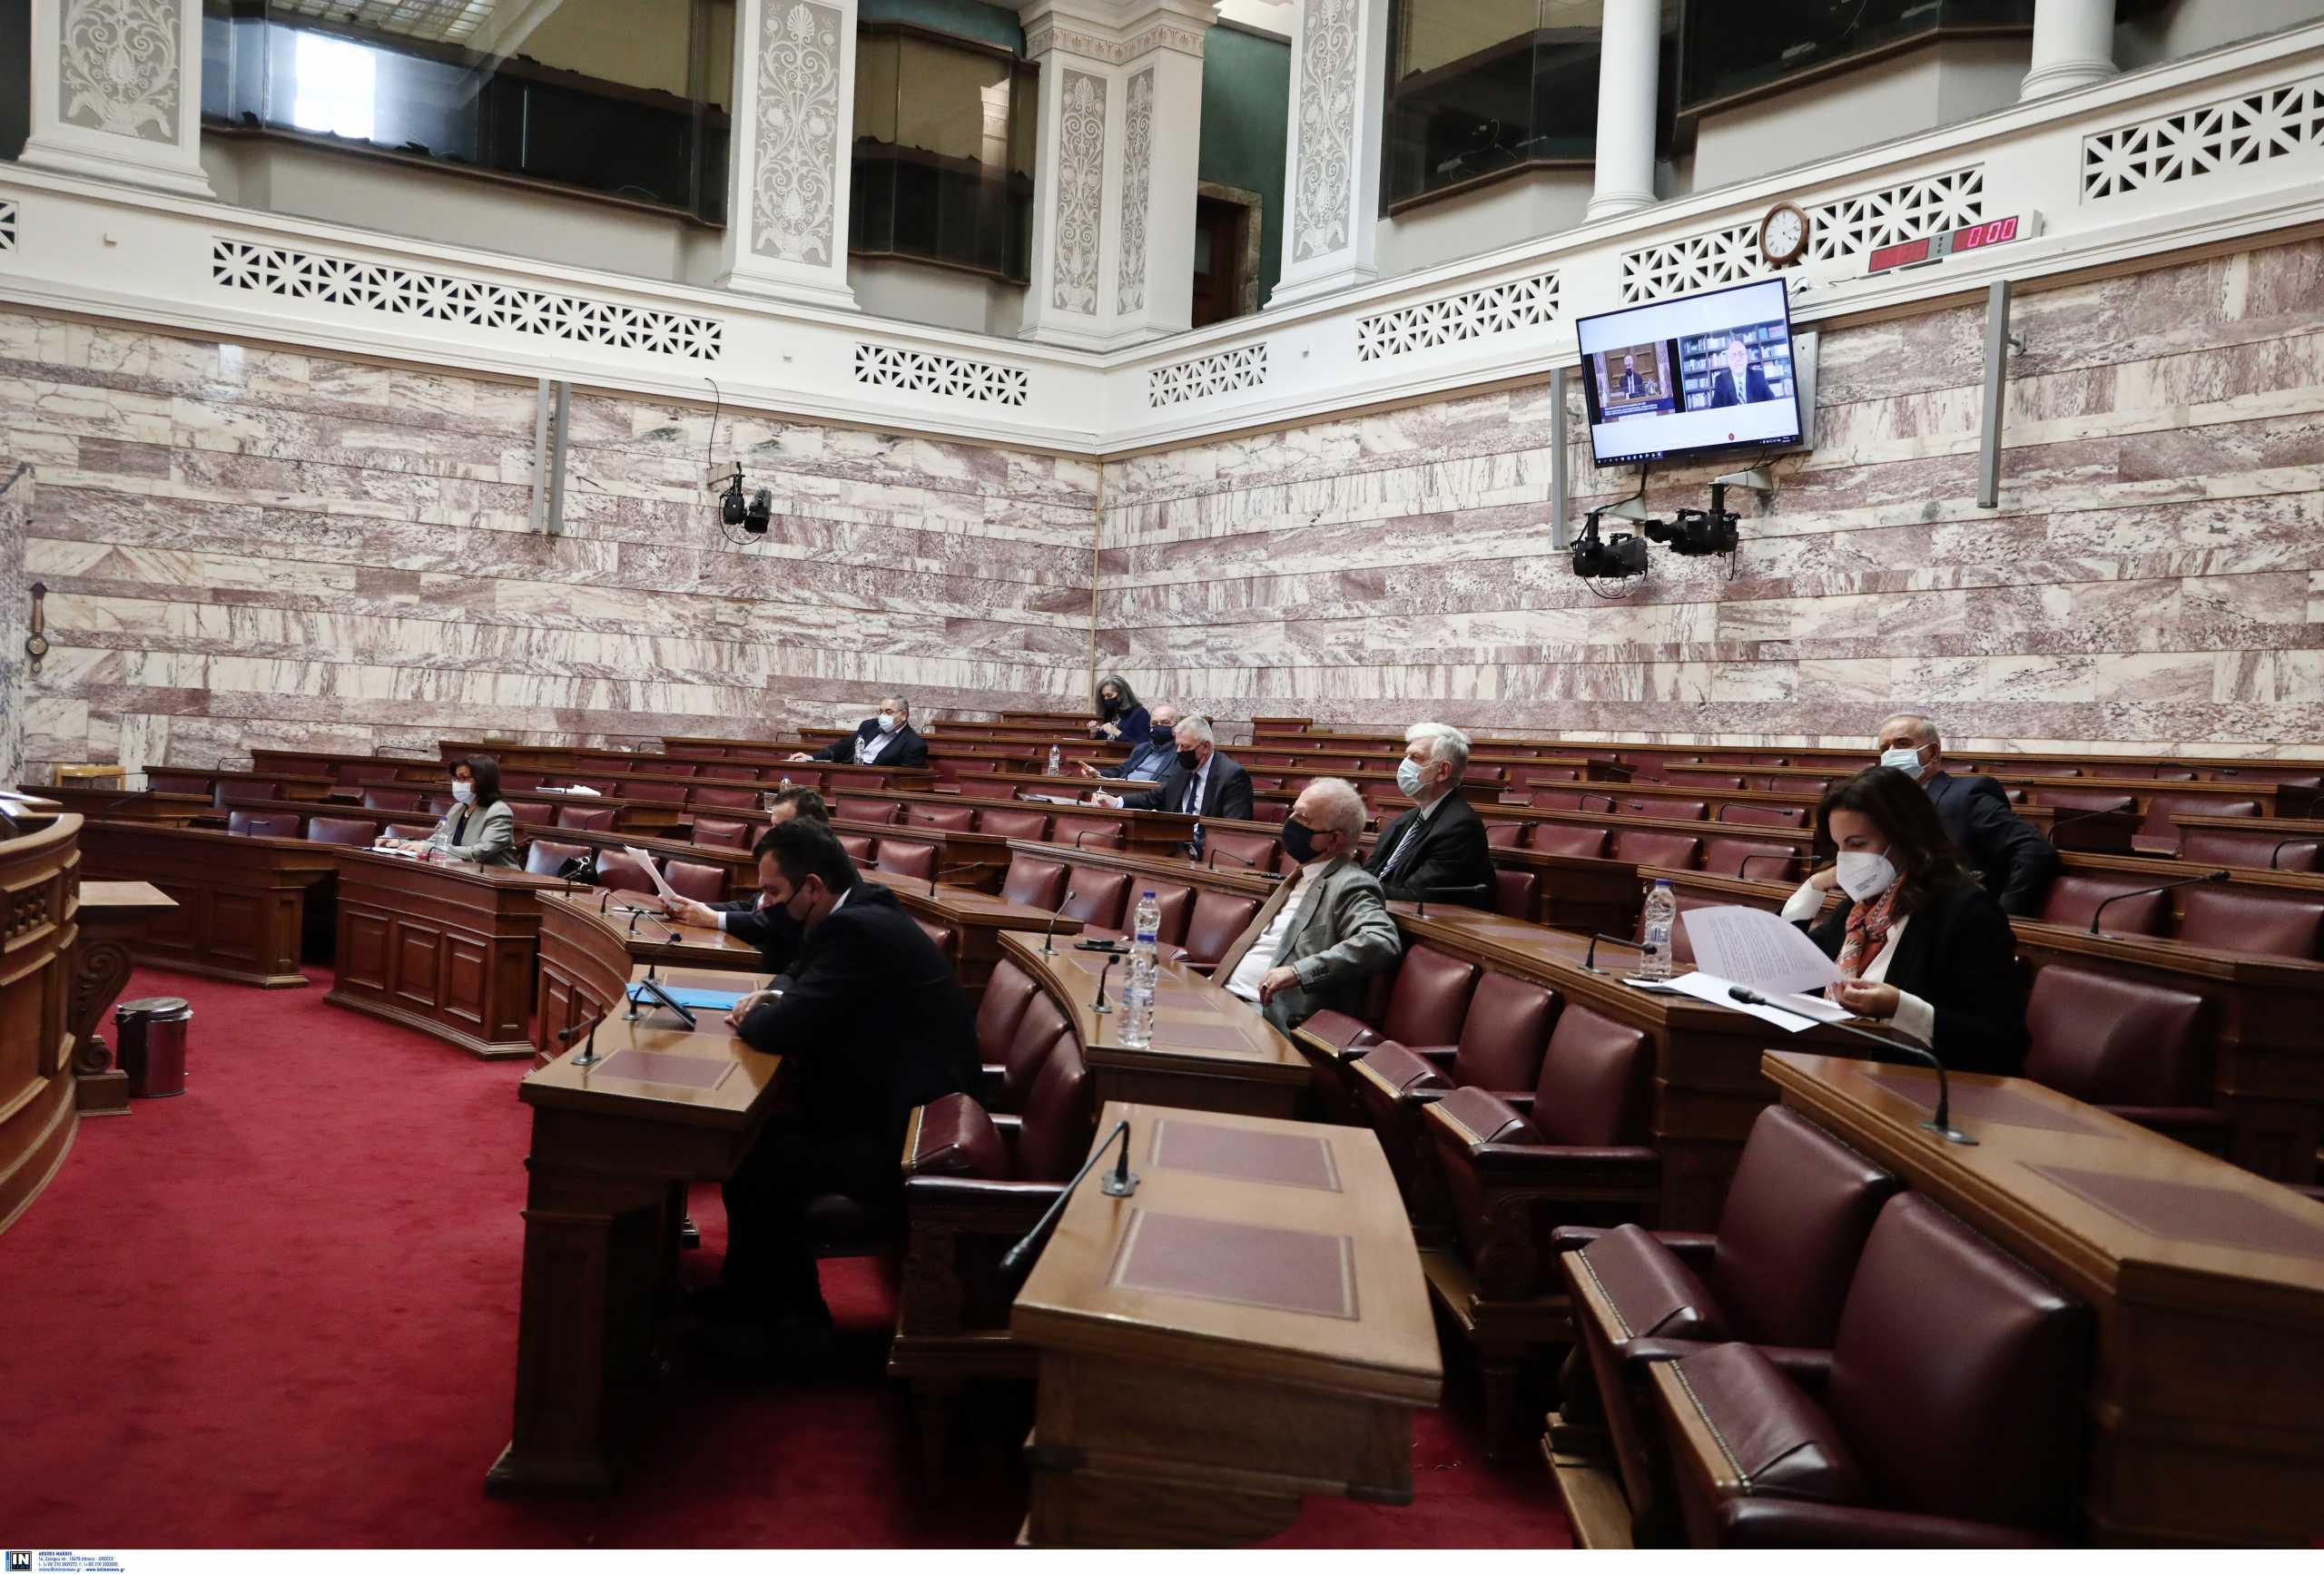 Πέρασε η τροπολογία για το ακαταδίωκτο των μελών της επιτροπής λοιμωξιολόγων – Αποχώρησε ο ΣΥΡΙΖΑ